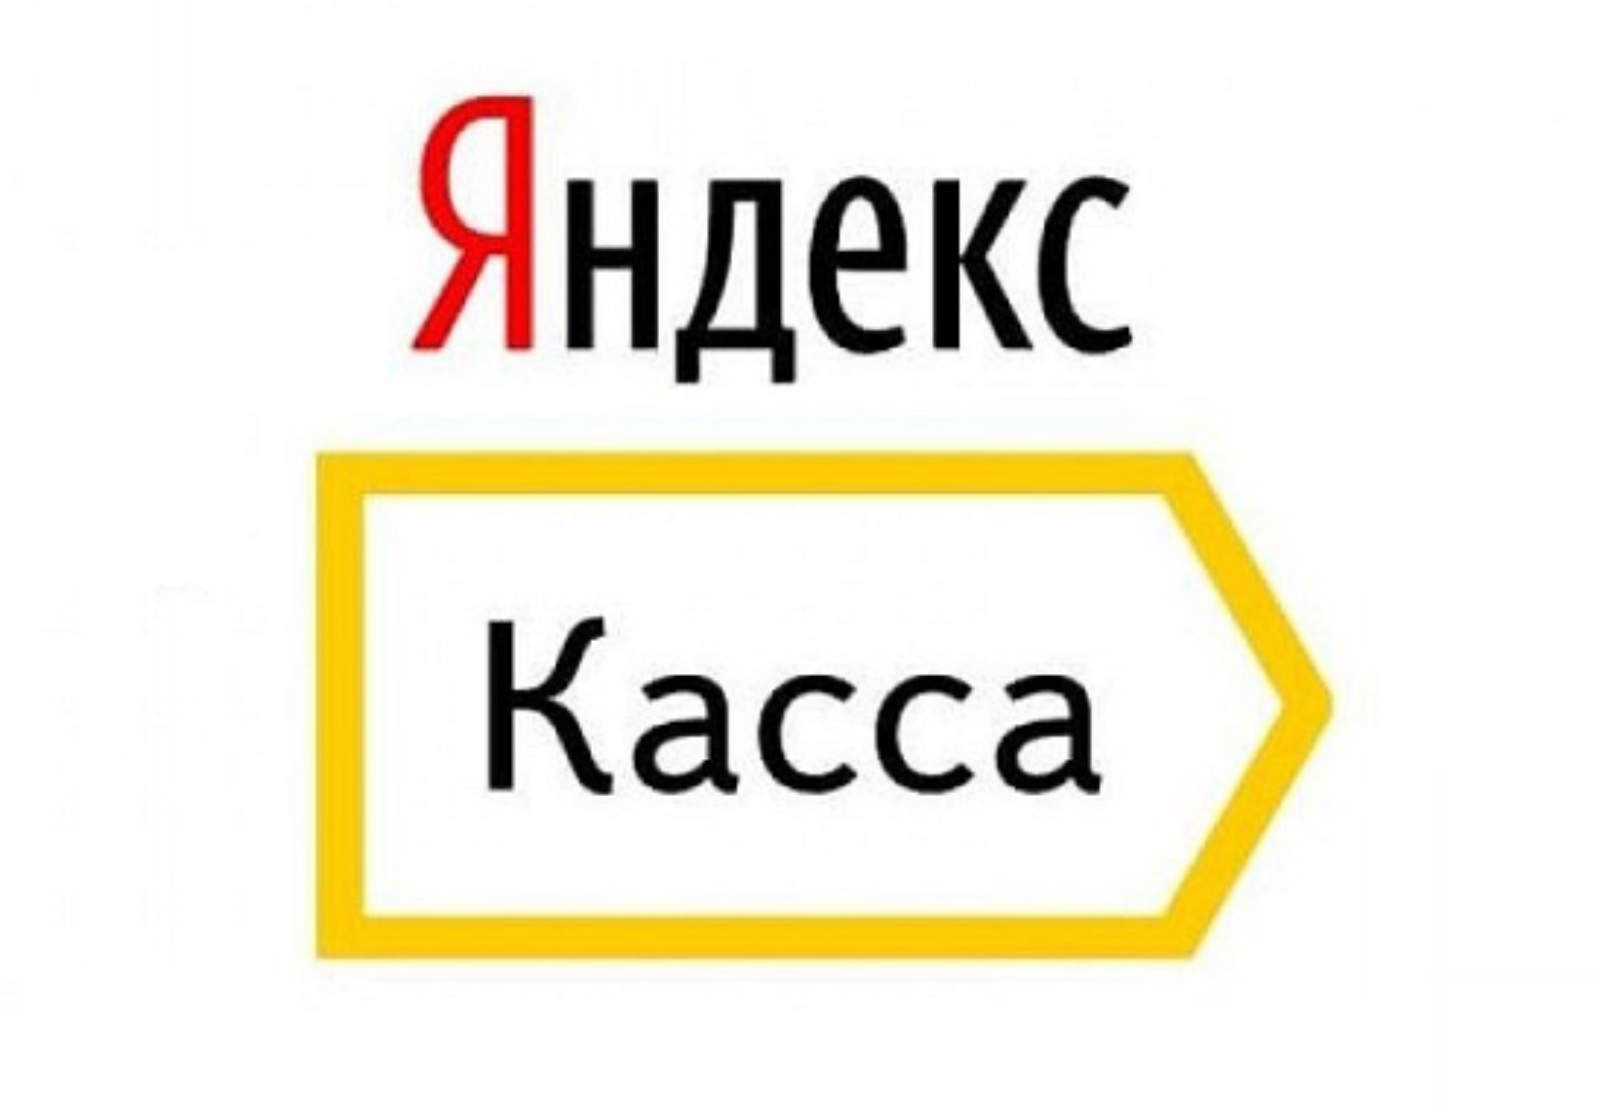 «яндекс.касса», «робокасса», и др. агрегаторы платежей: куда идти стартапу или малому бизнесу, чтобы работать легально?